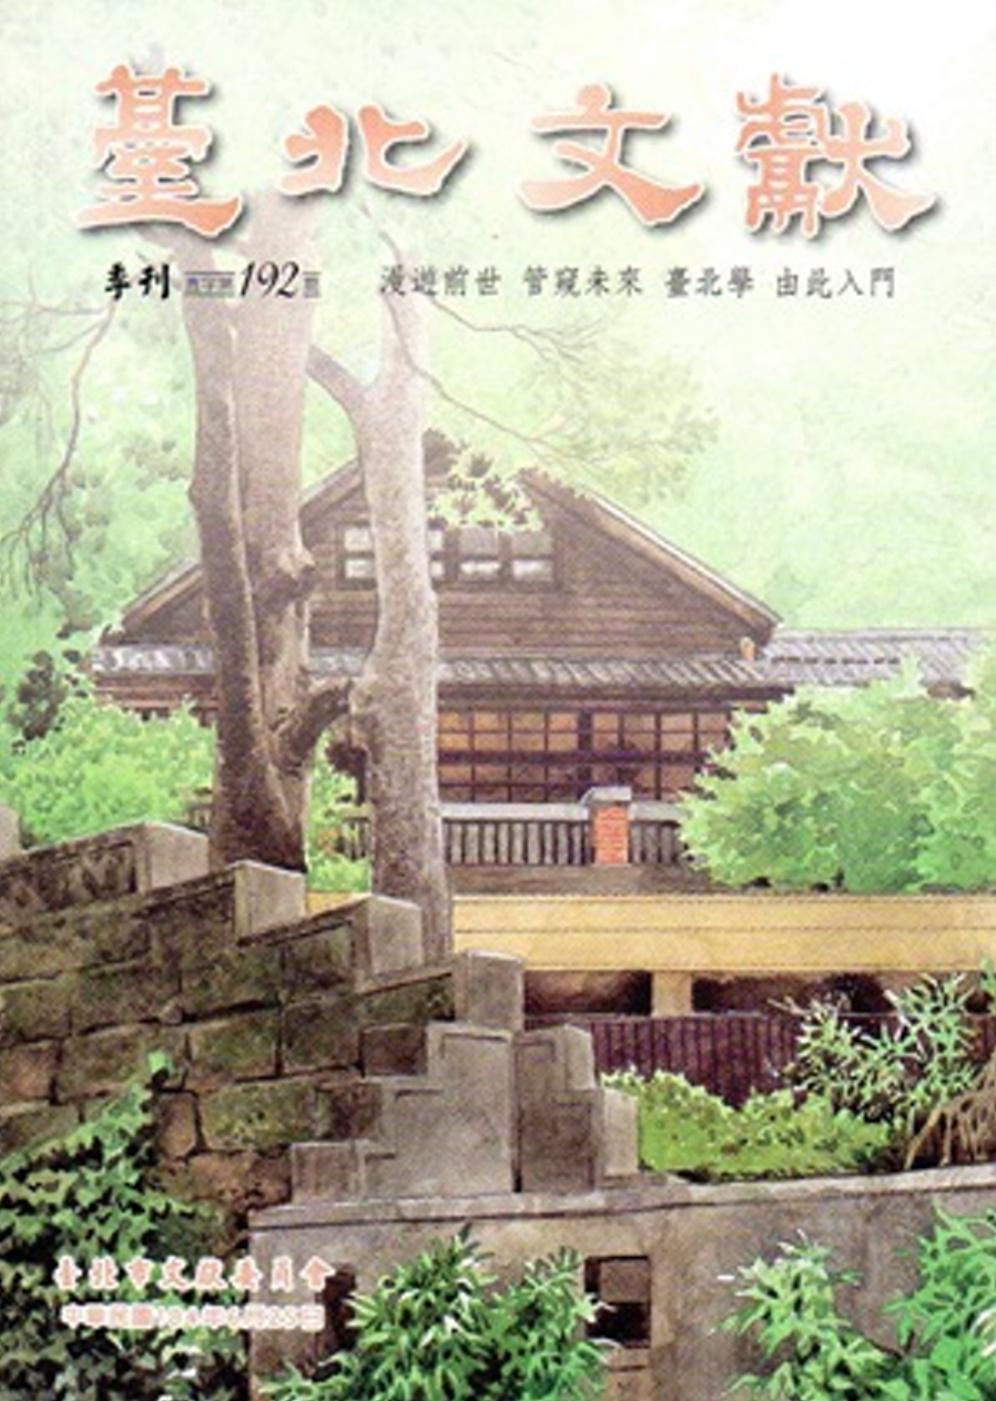 臺北文獻192期 104 06